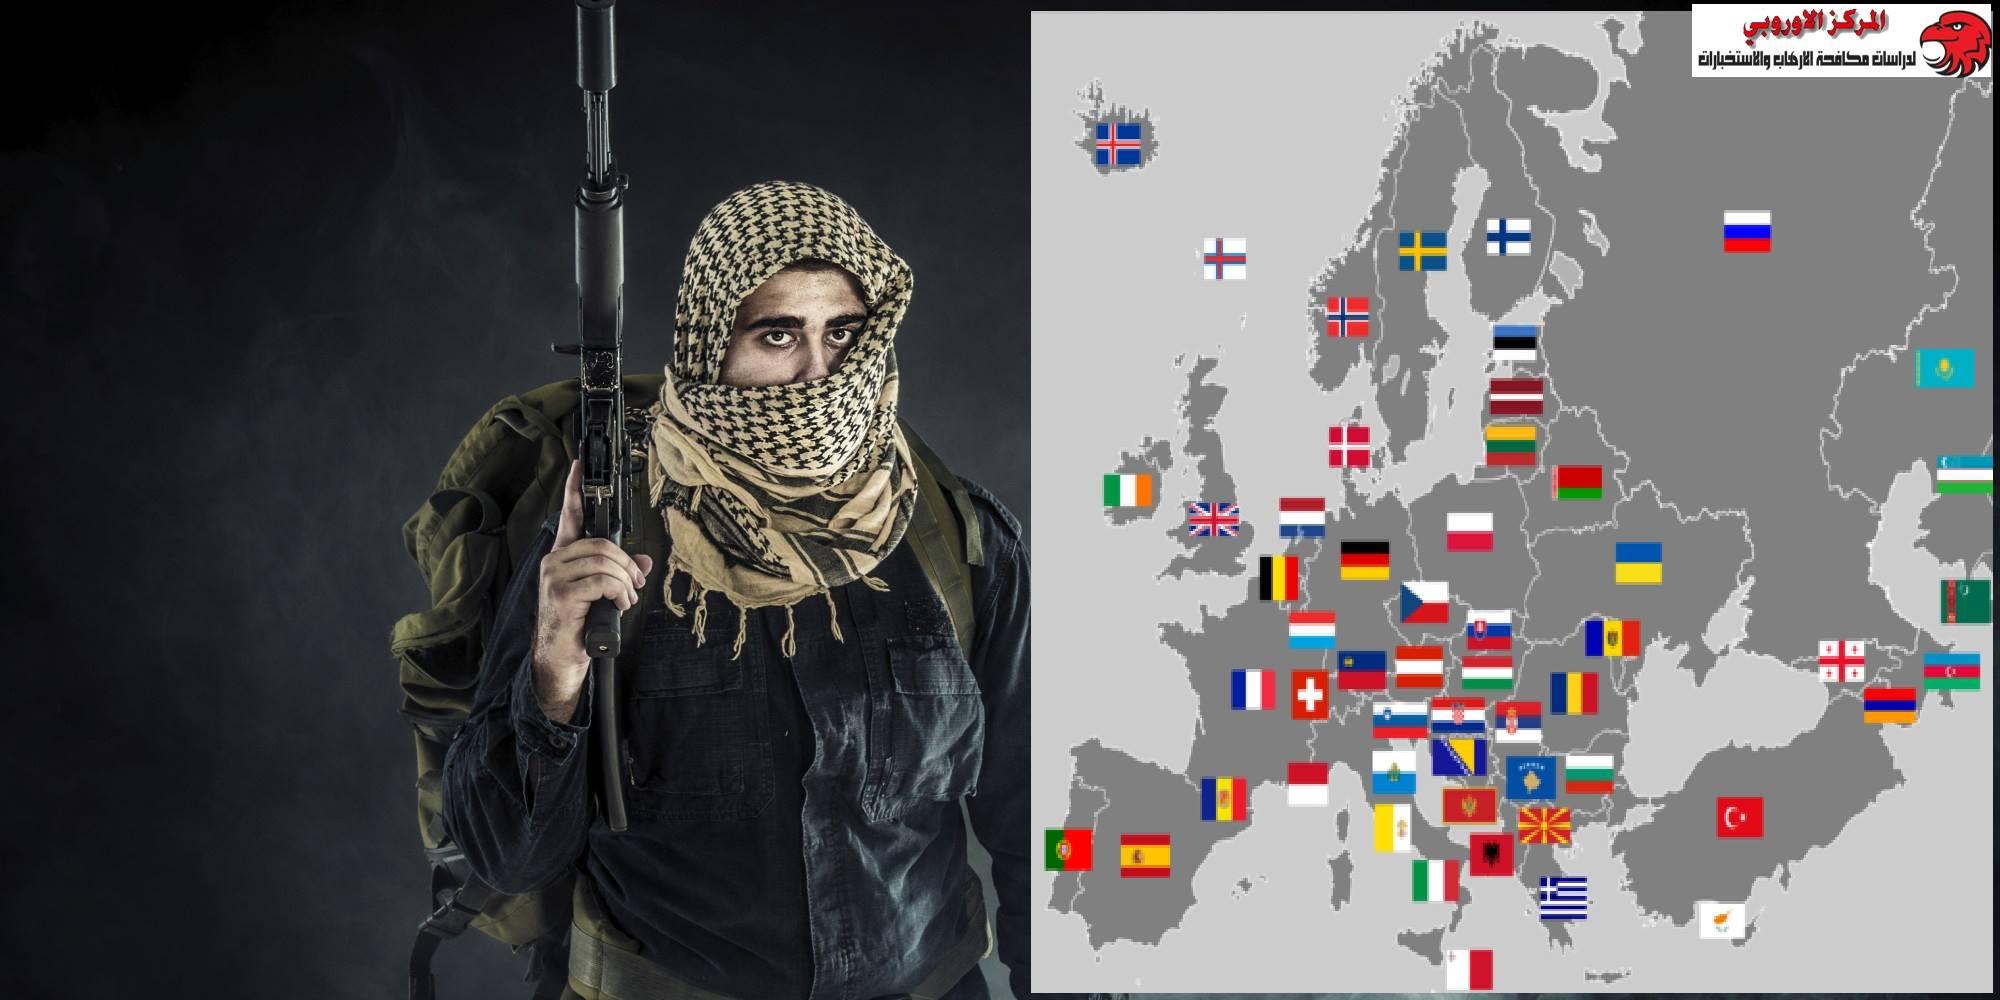 خارطة الجماعات المتطرفة في اوروبا و مصادر تمويلها